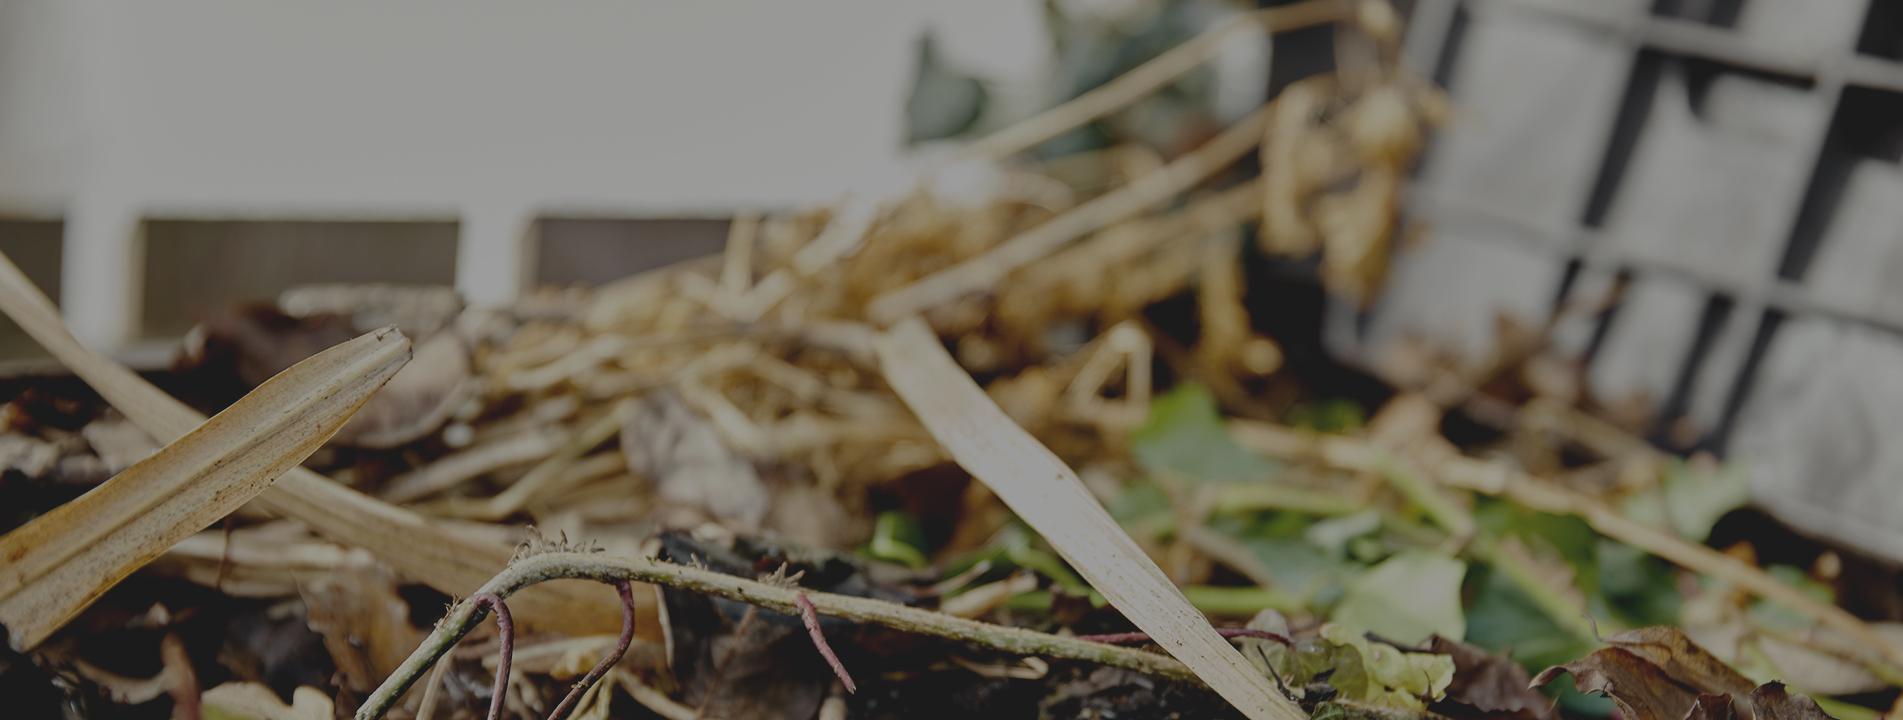 Baugeois Compost - Traitement des déchets